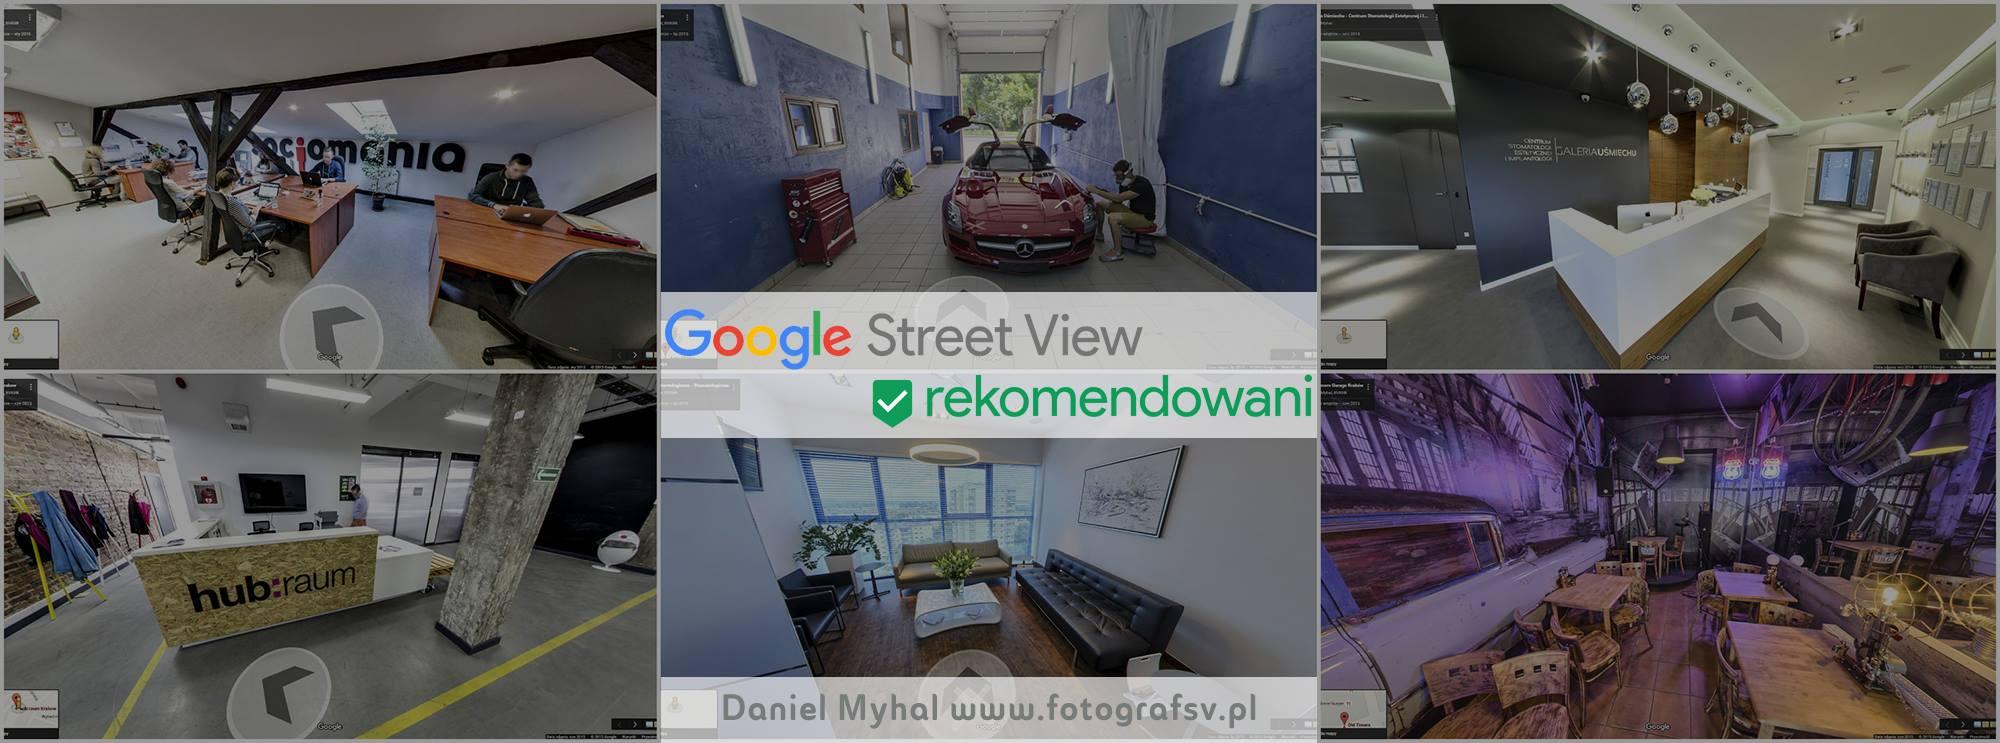 Rekomendowany fotograf Google — Dlaczego warto wybrać rekomendowanego przez Google do stworzenia spaceru 360 firmy?